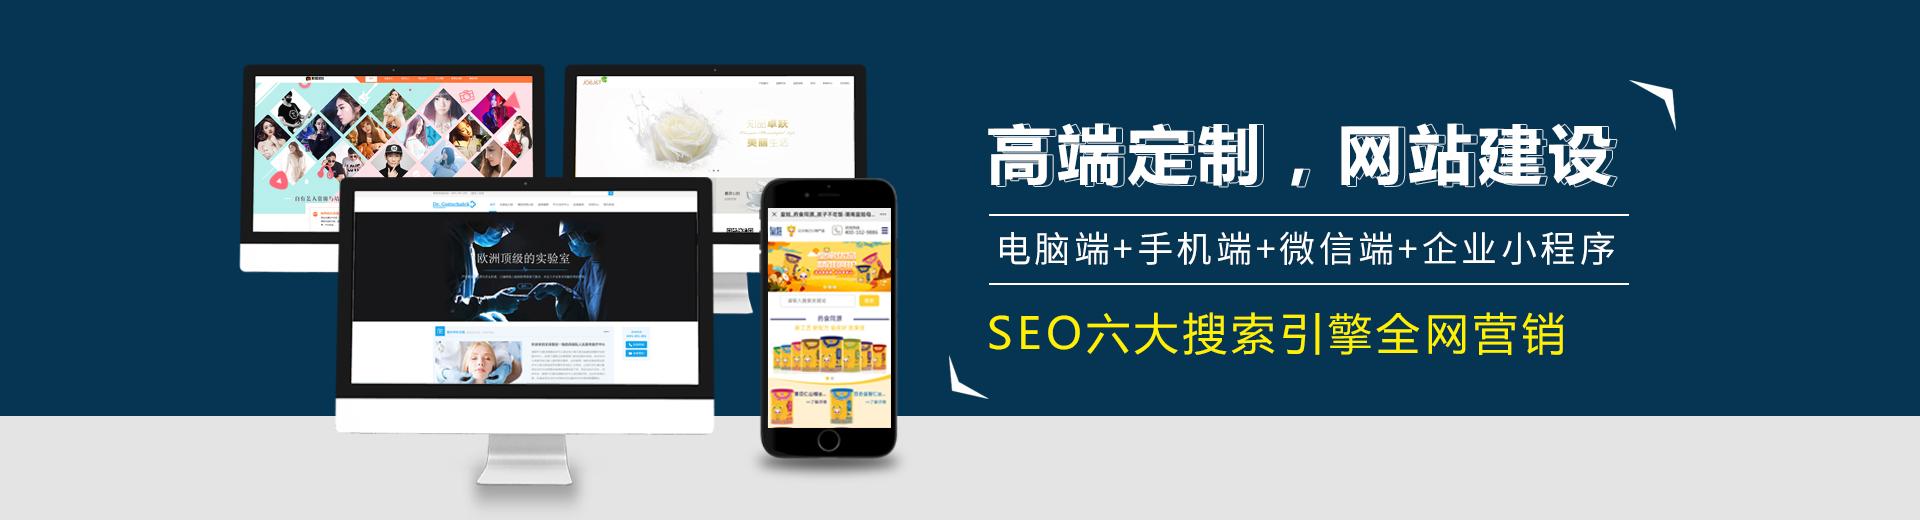 长沙网站优化排名